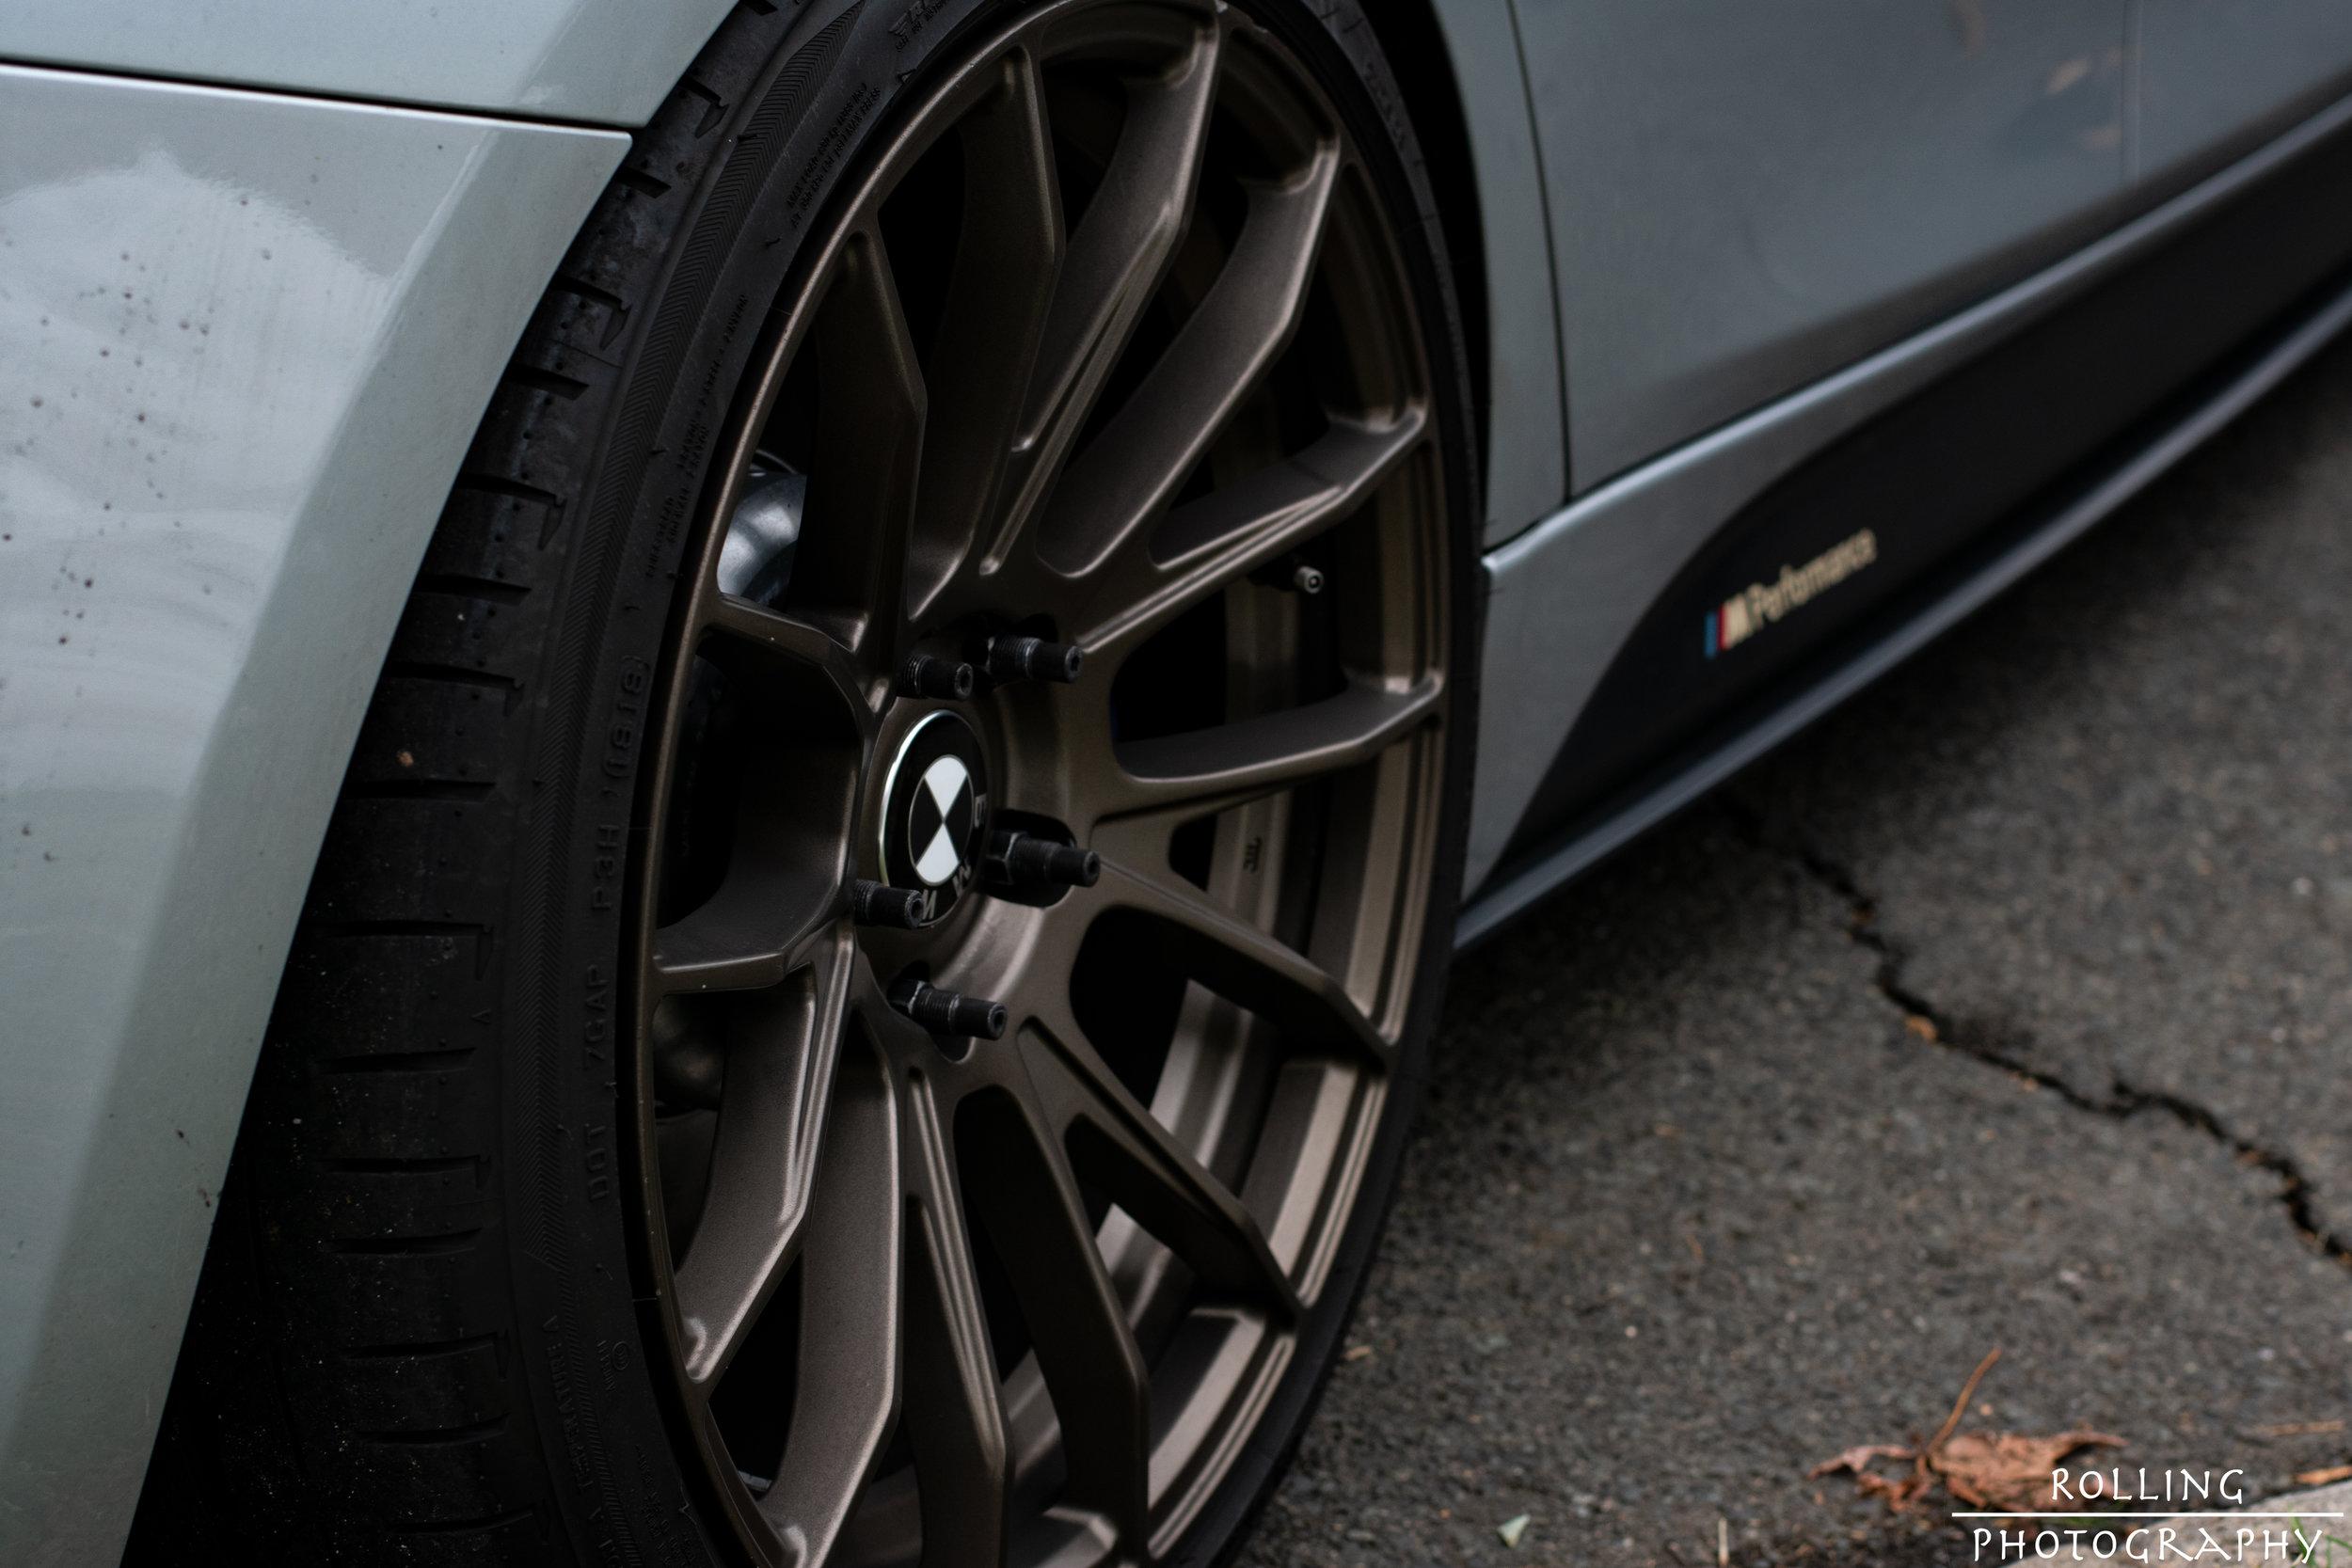 Euro_Kult BMWJON Opposite Angle Wheel.jpg